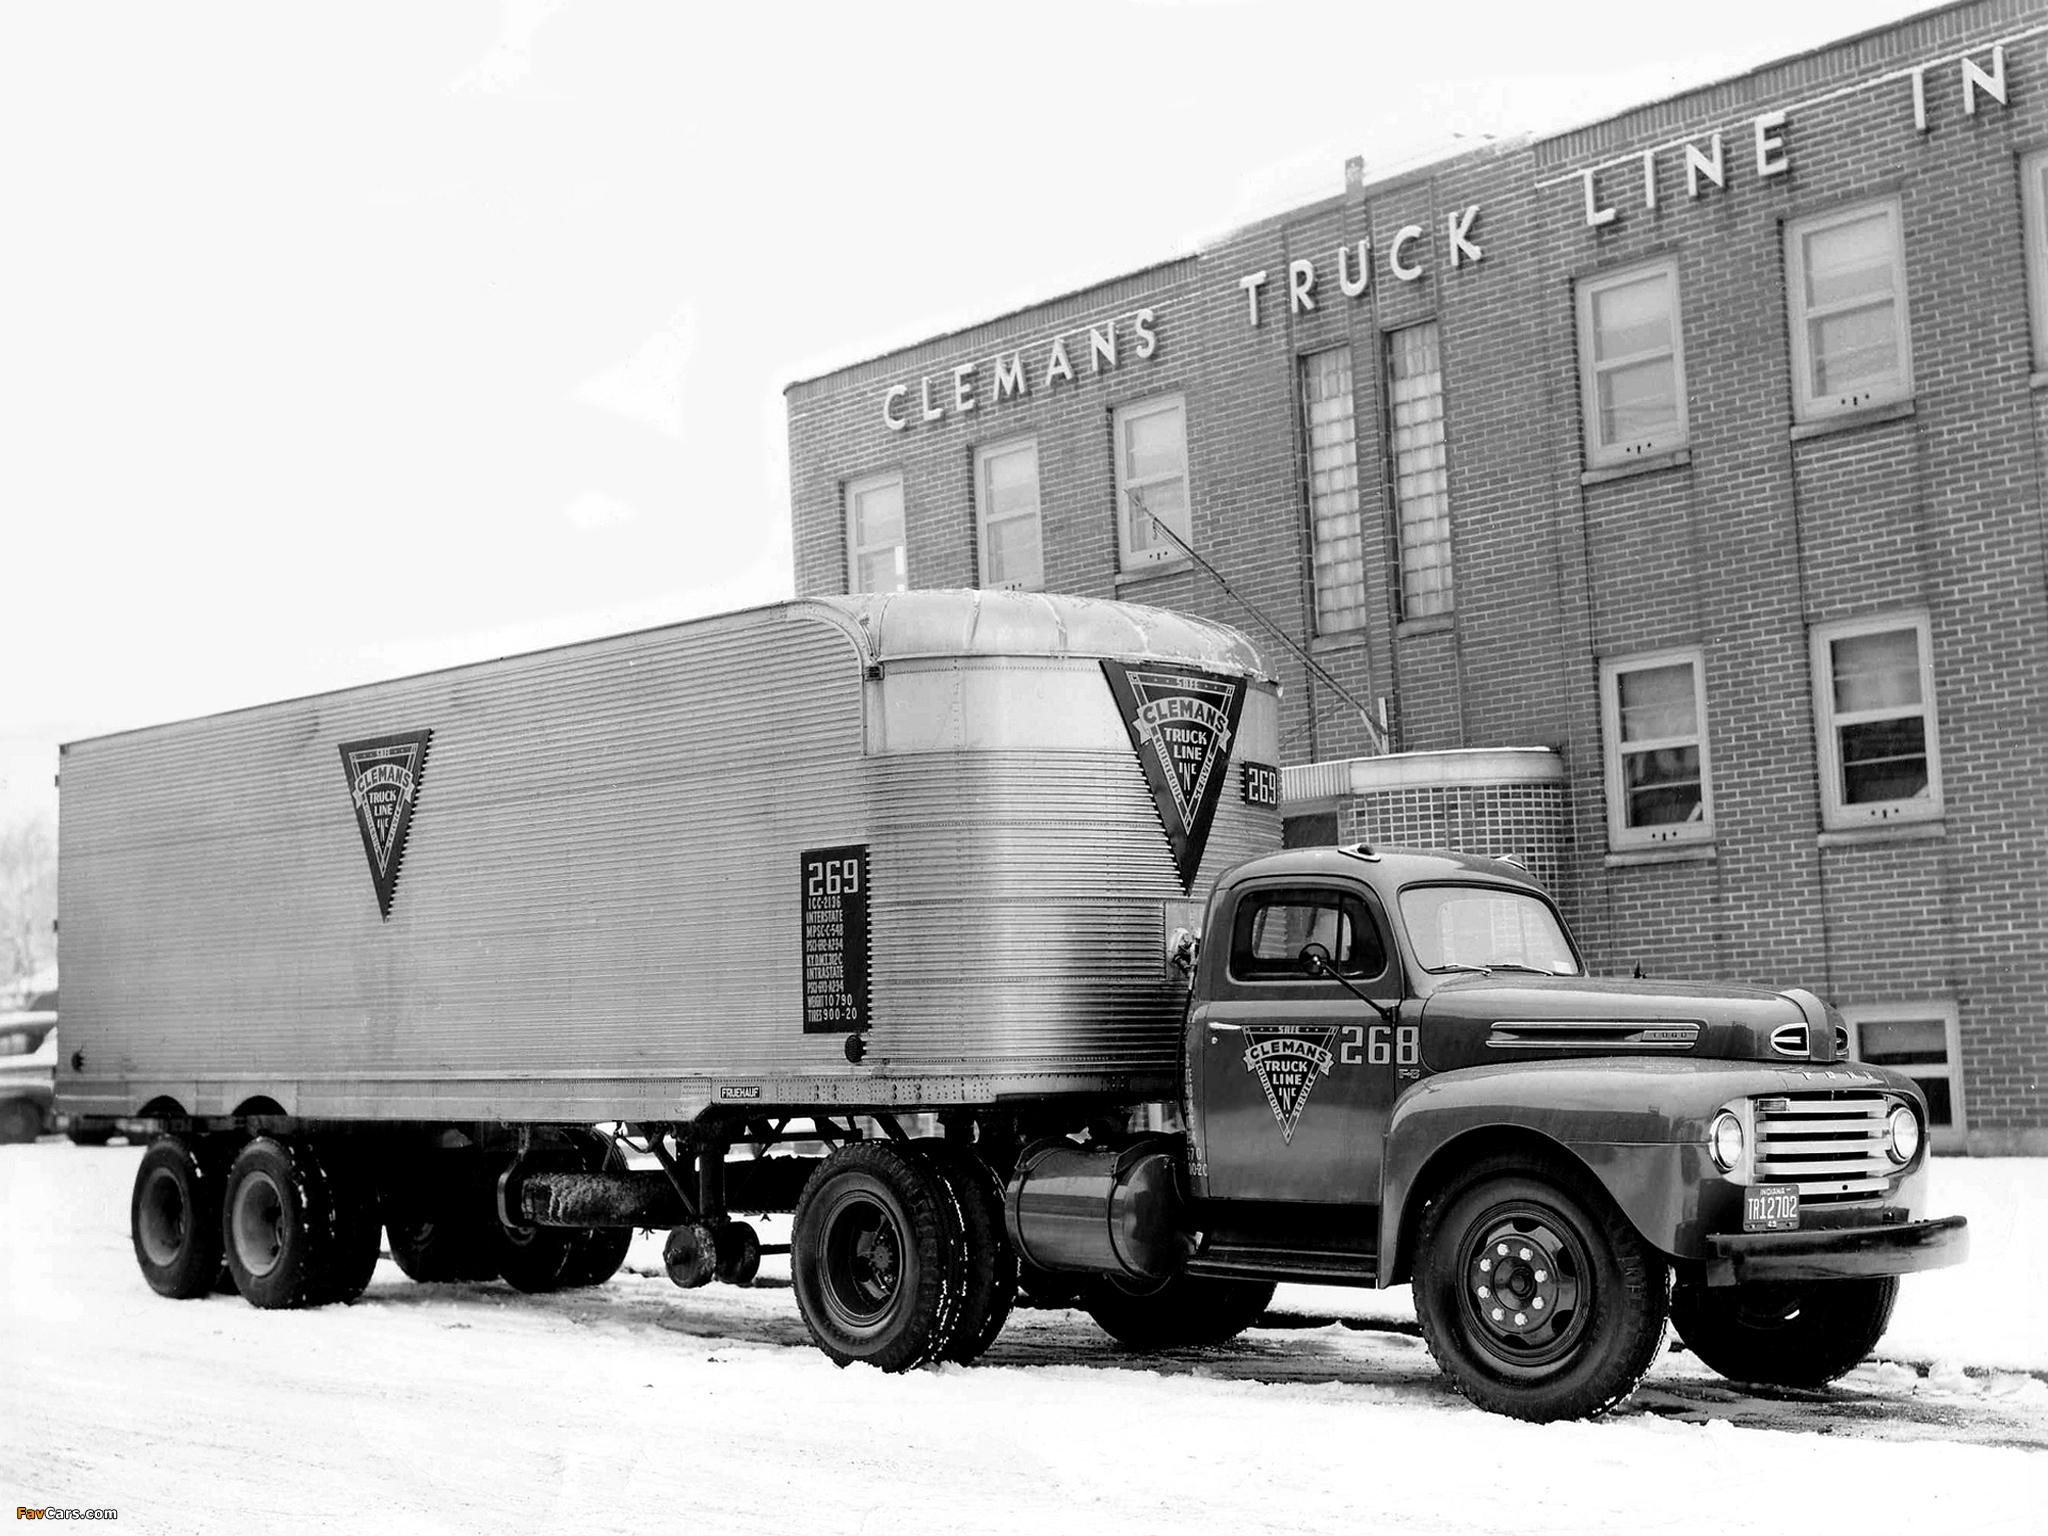 1948 Ford Truck Semi F 8 194850 Wallpapers 2048x1536